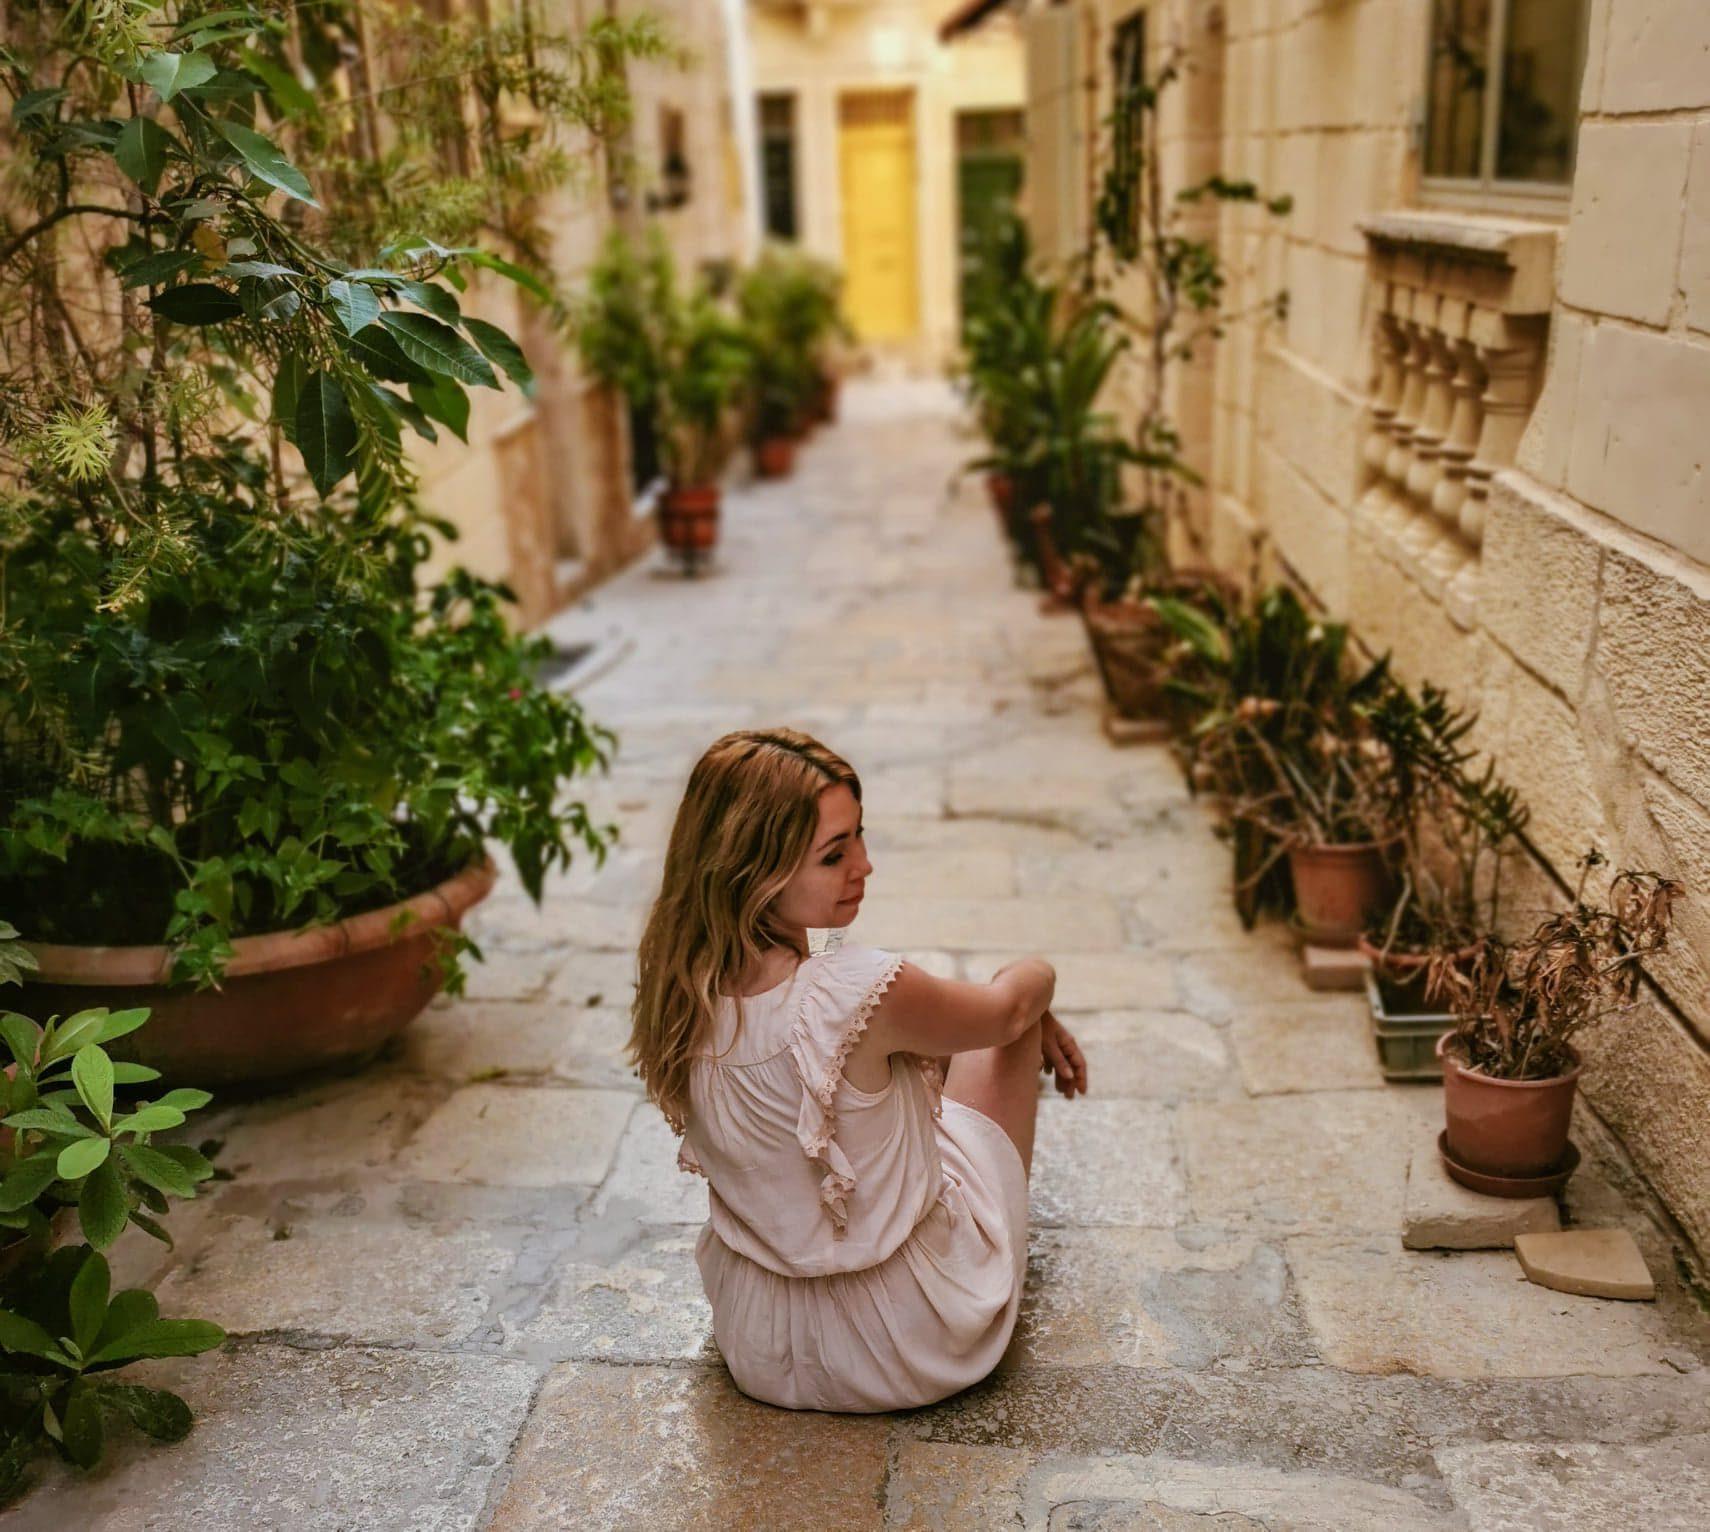 instagramowe miejsca na Malcie - Birgu